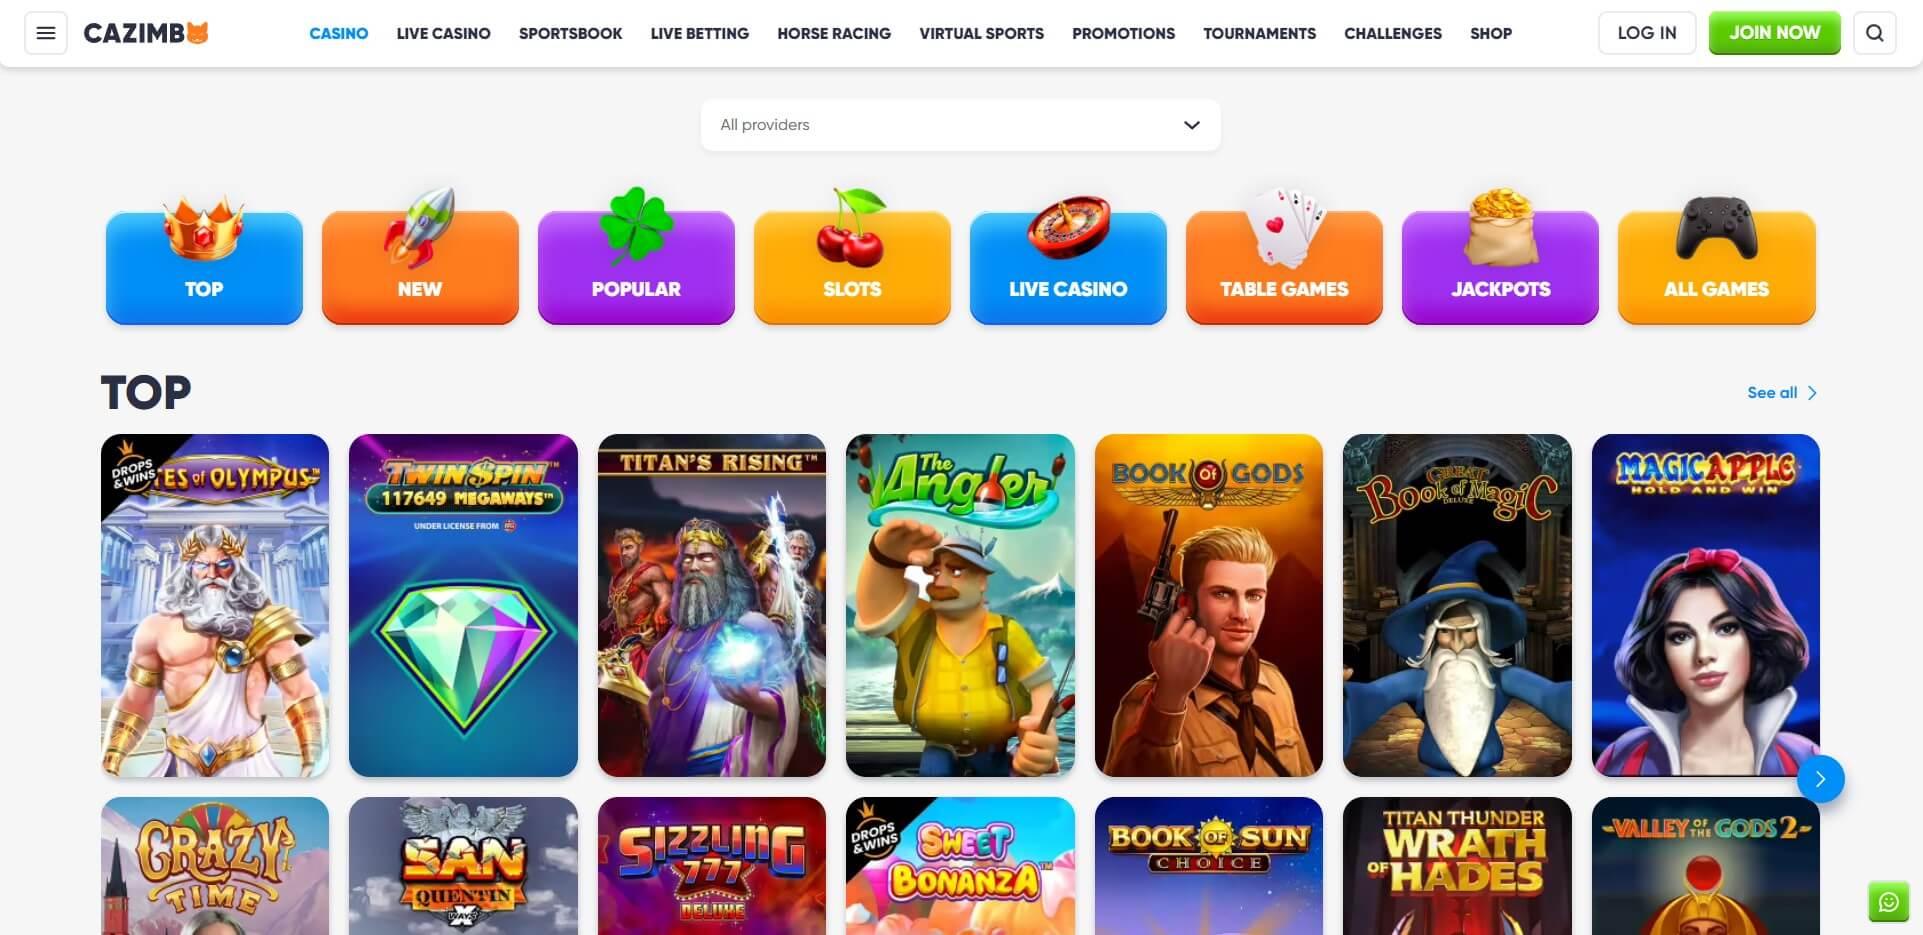 Games at Cazimbo Casino